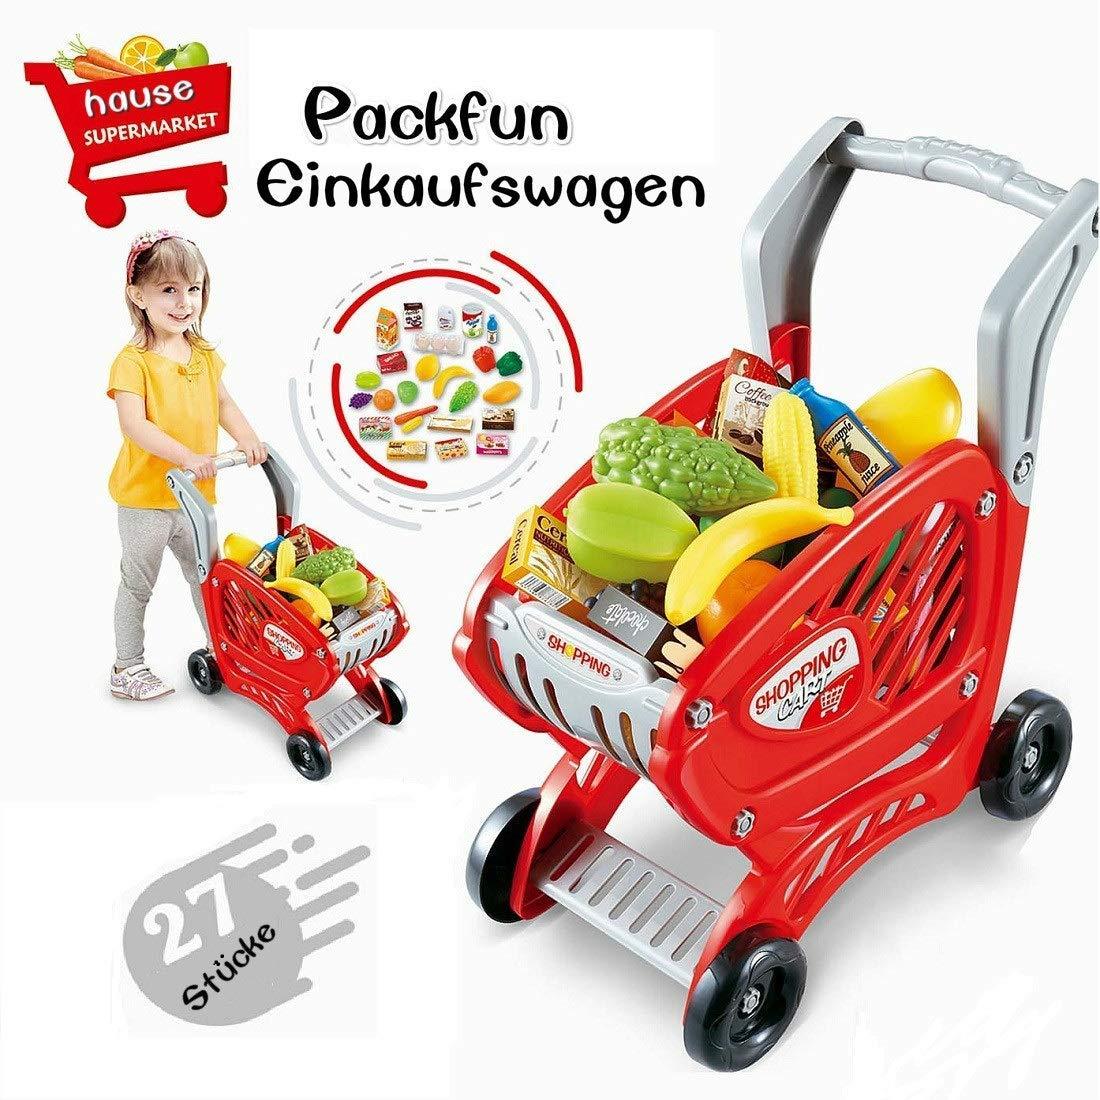 Packfun Kinder Einkaufswagen Spielzeug Supermarkt Einkaufswagen Trolley Cart